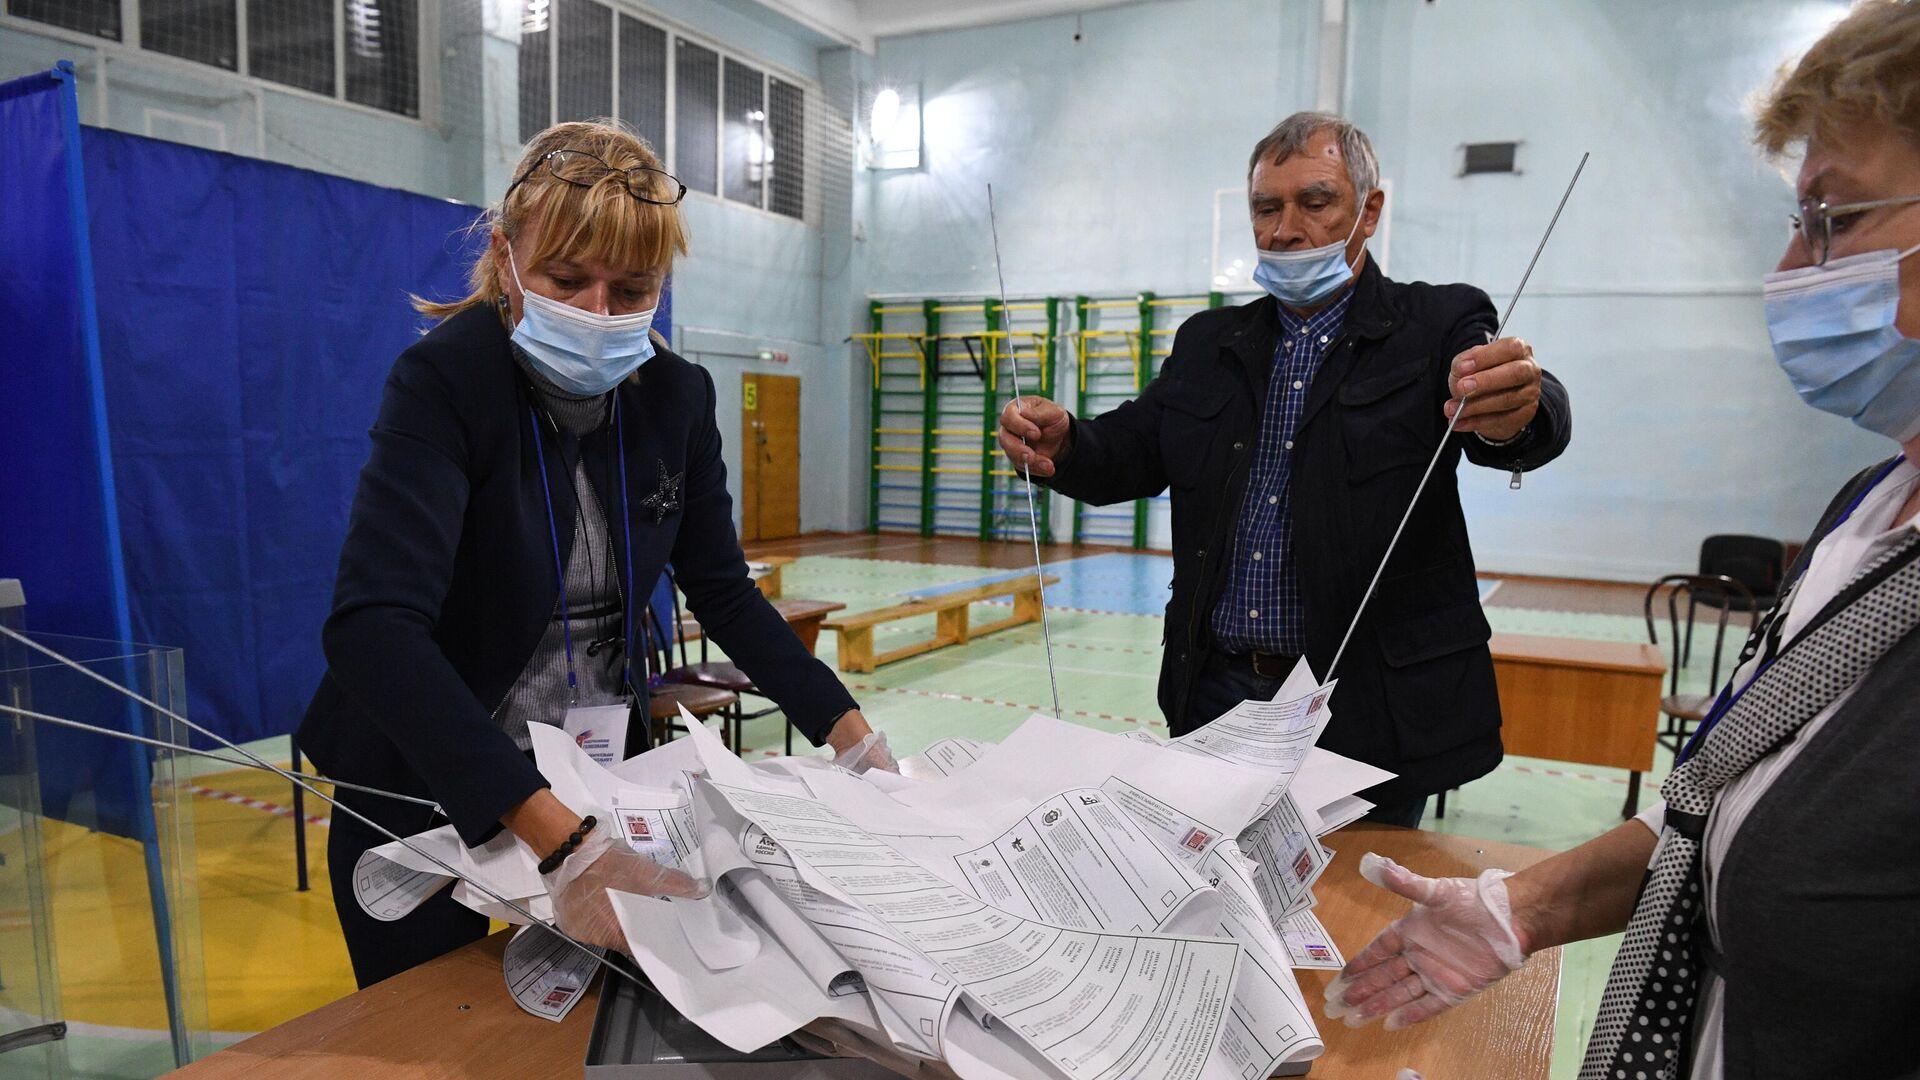 El conteo de votos en las elecciones parlamentarias en Rusia - Sputnik Mundo, 1920, 20.09.2021